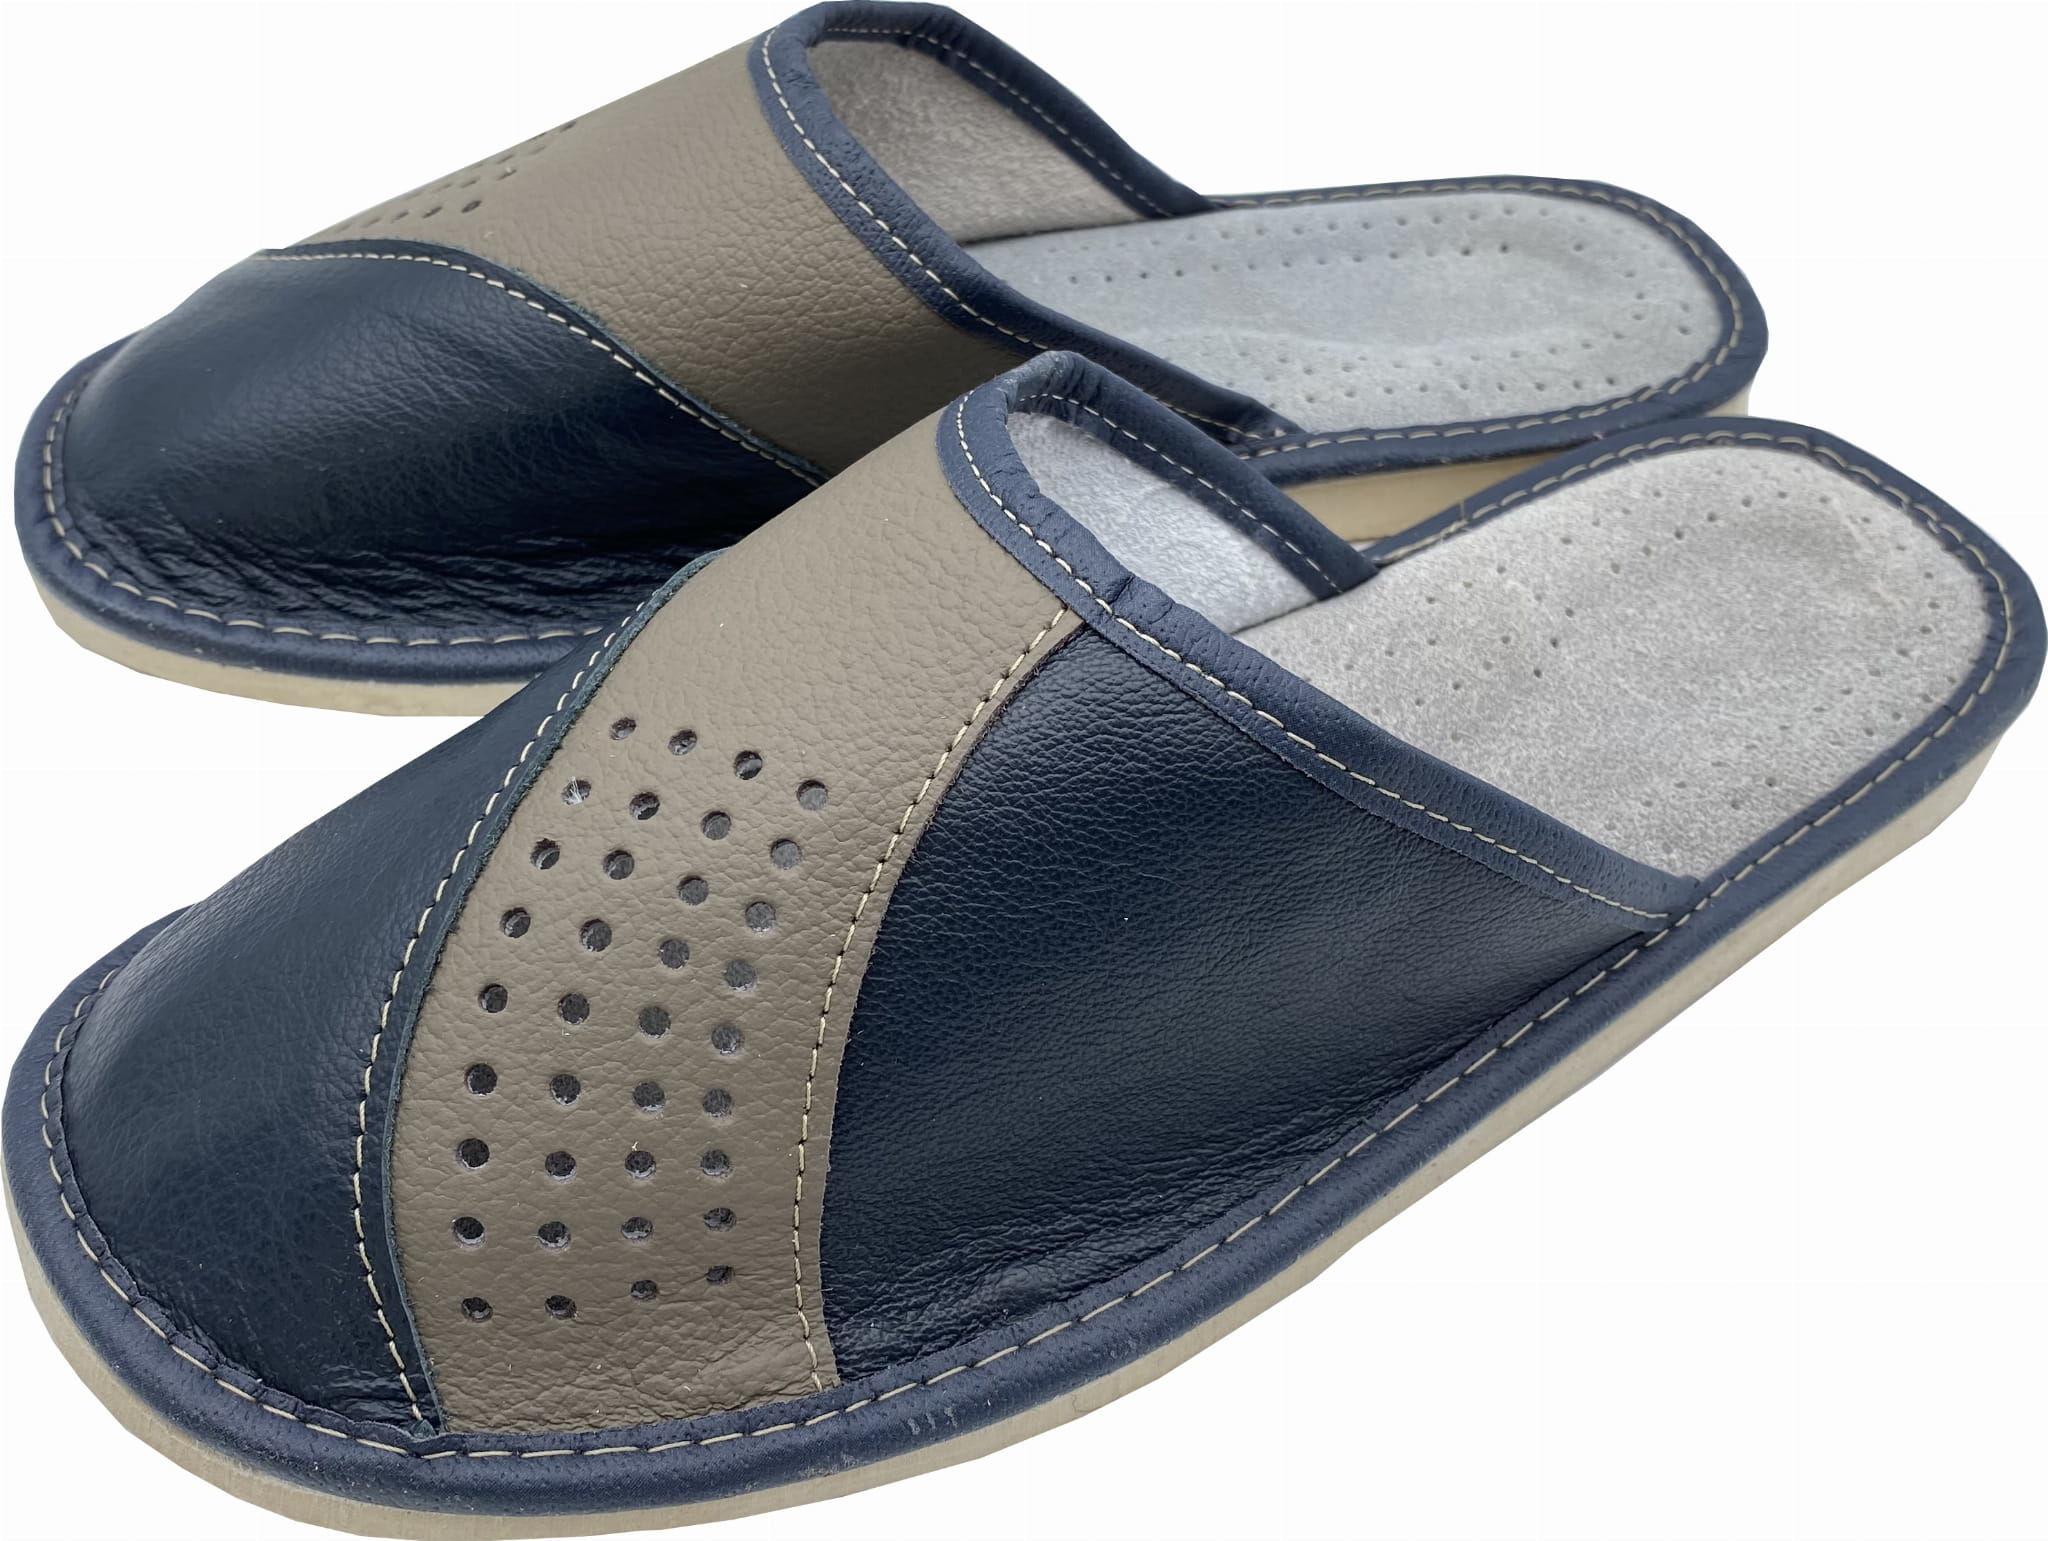 Kapcie męskie home slippers